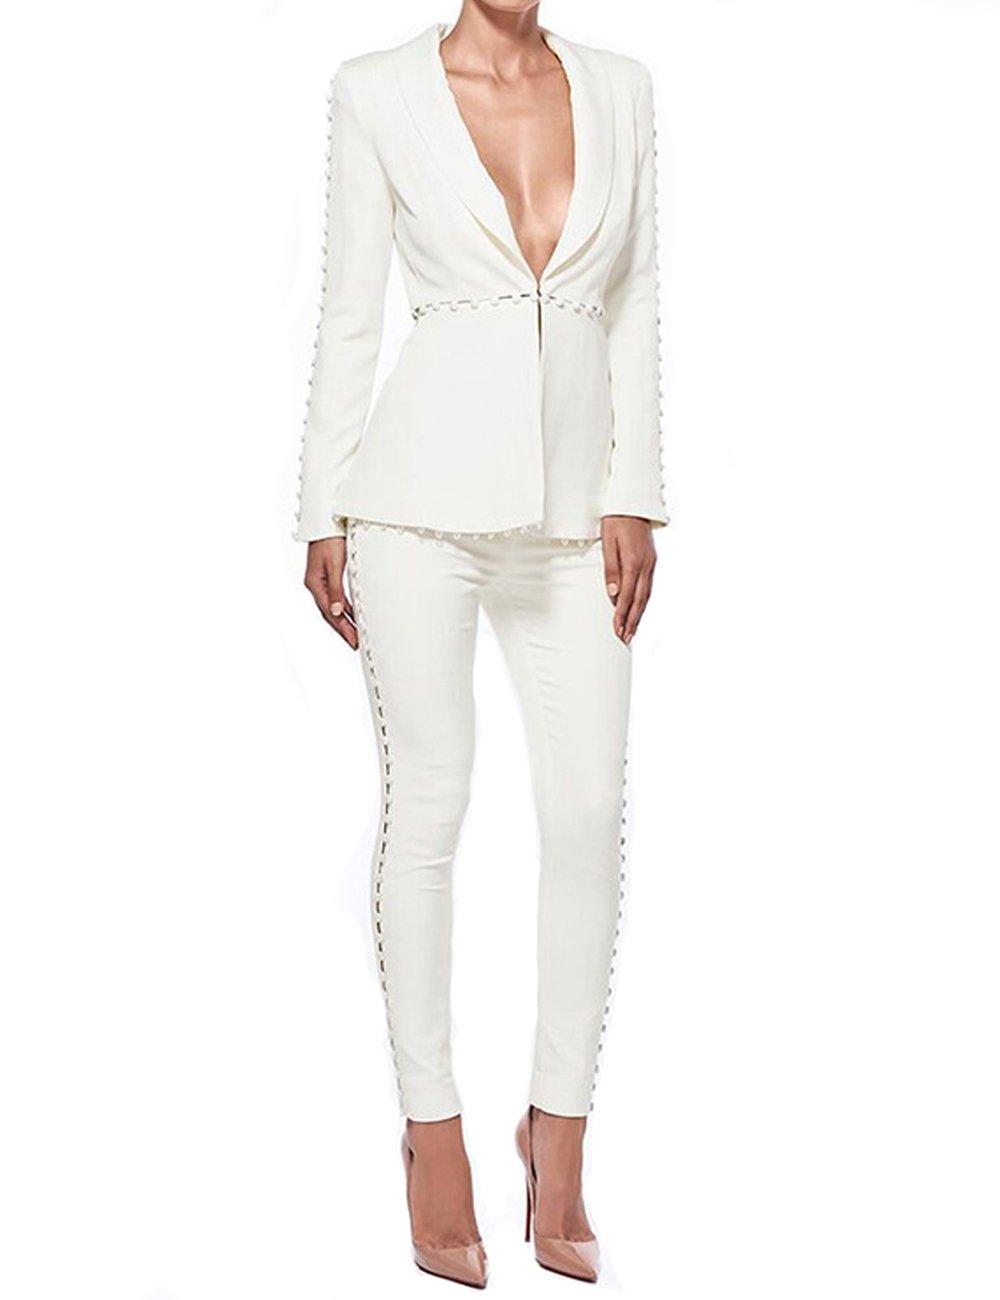 UONBOX Women's Cut Out 2 Pieces Slim Fit Blazer Jacket Pants Suit Set UH011HB802